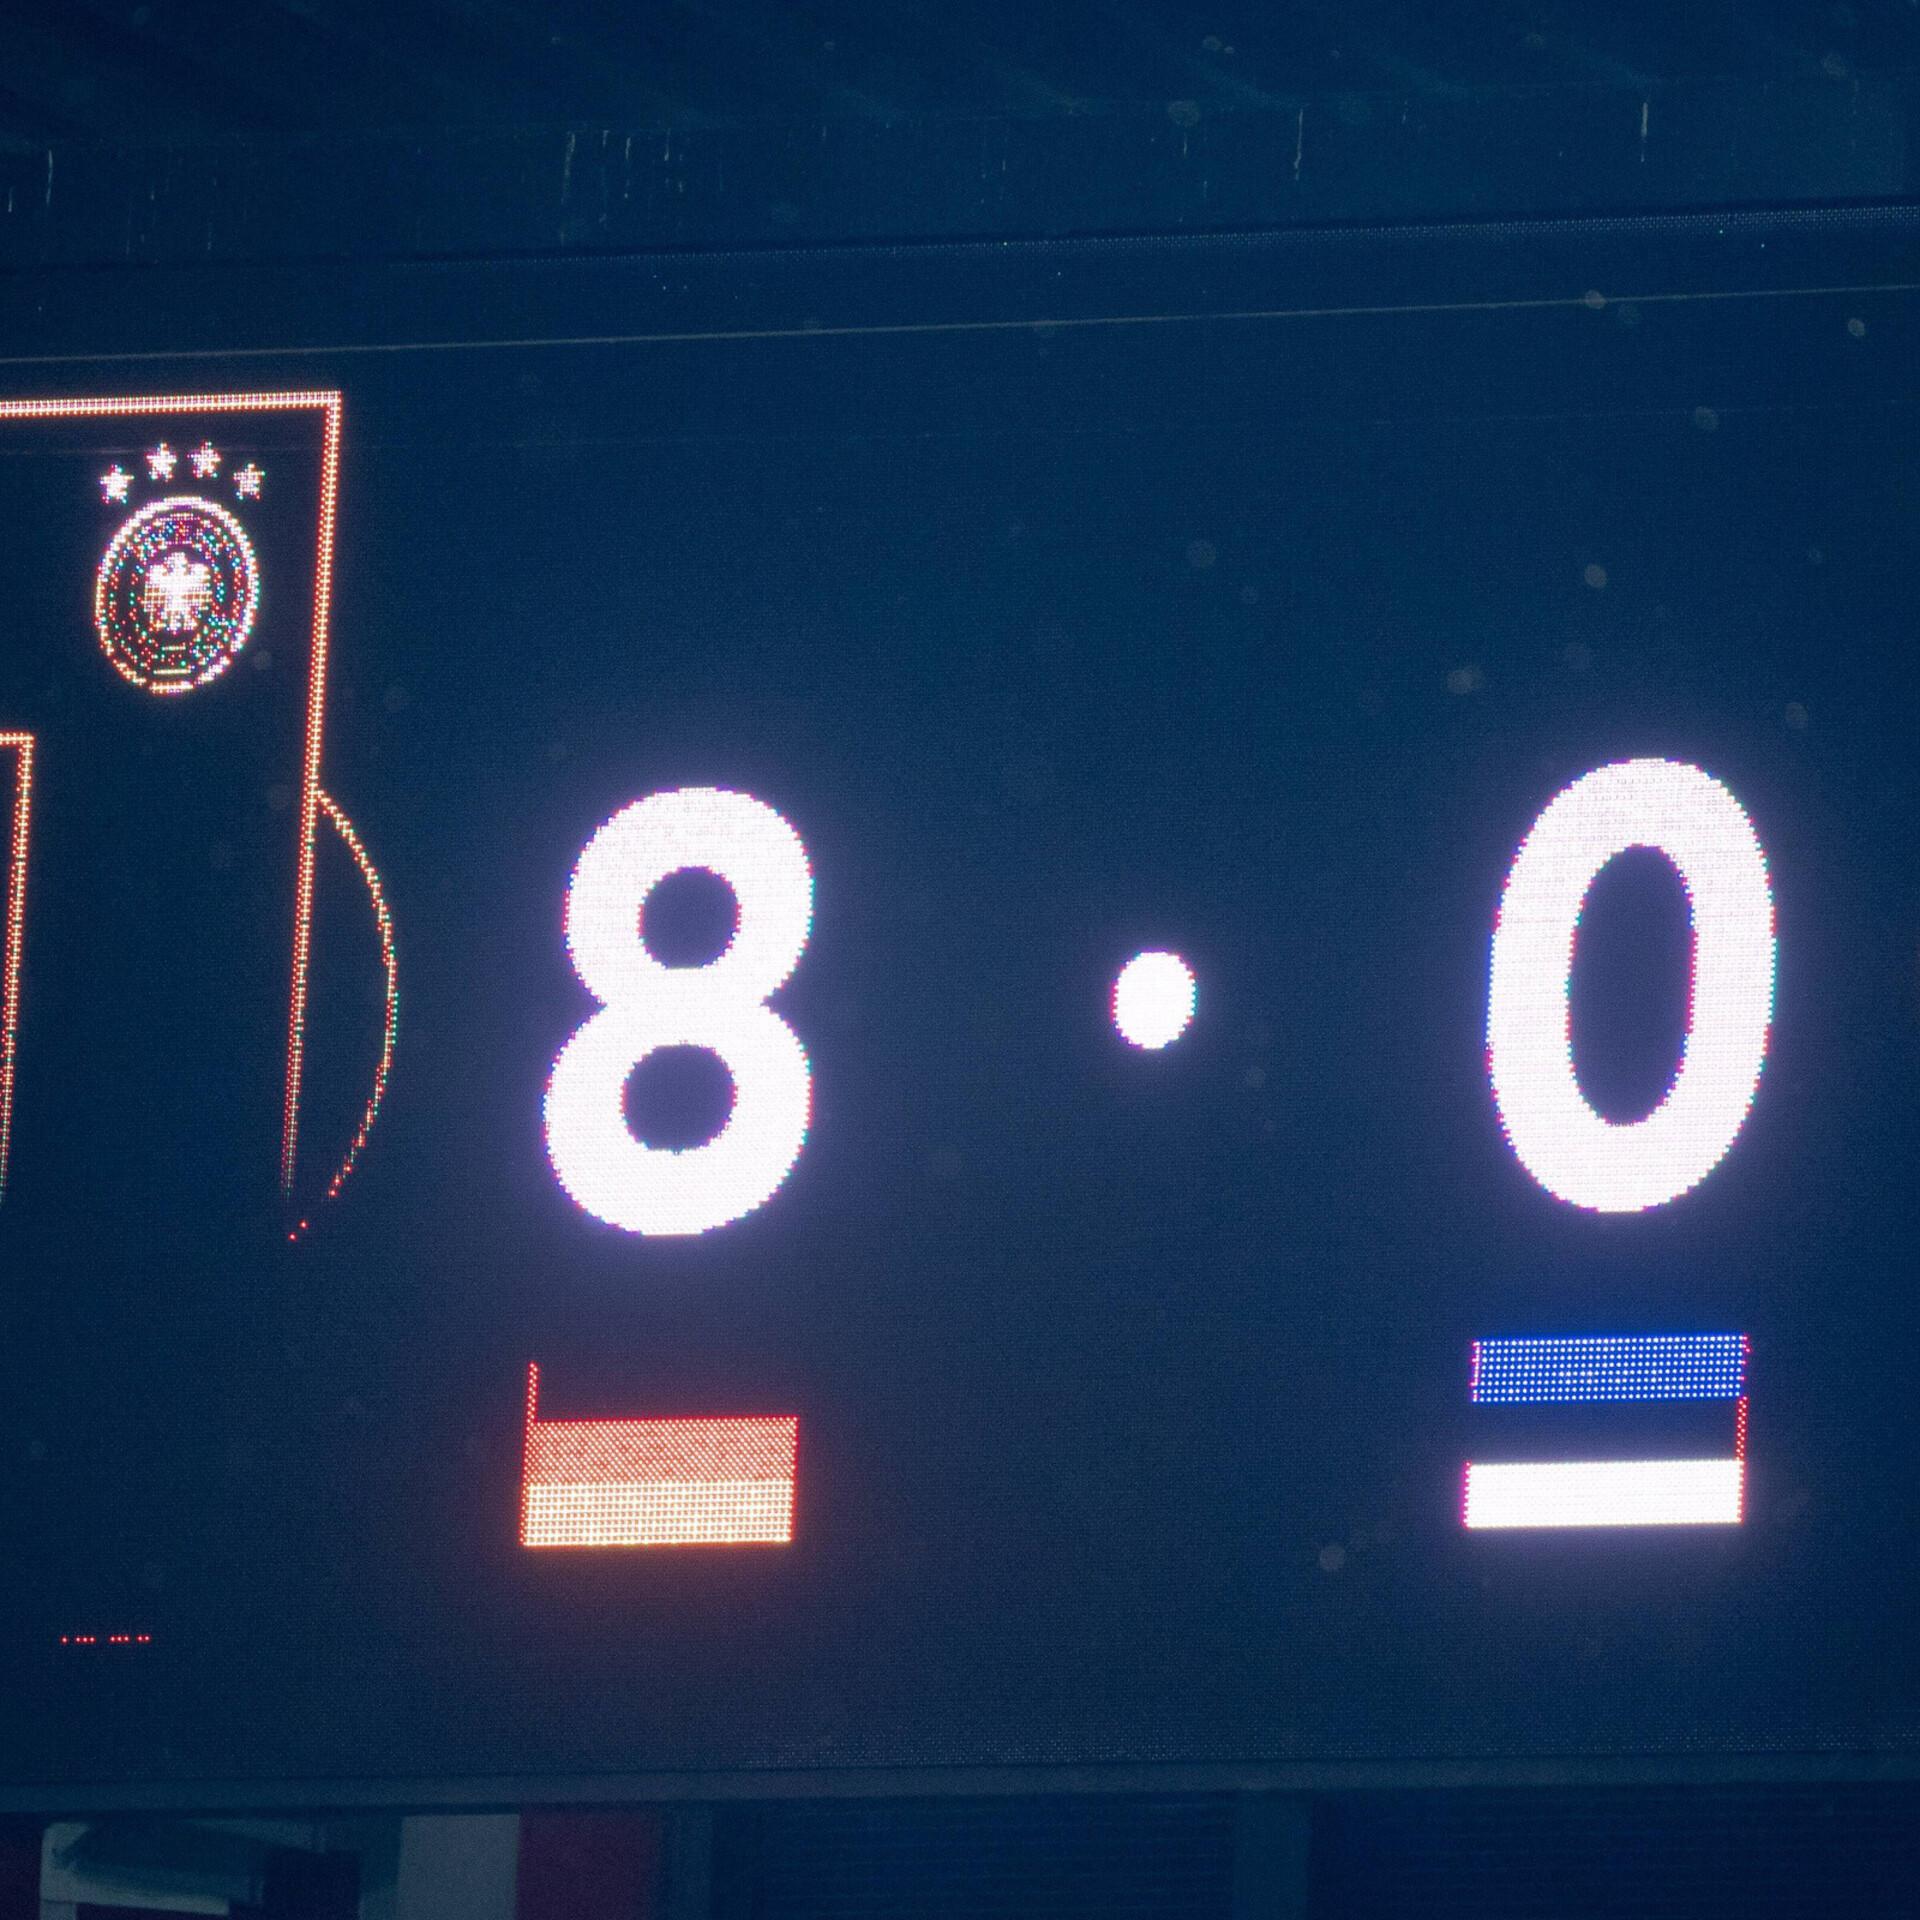 48c05f6fe00 Statistika: Eesti jalgpallikoondise ajalooline kaotus numbrites | Jalgpalli  Eesti koondis | ERR